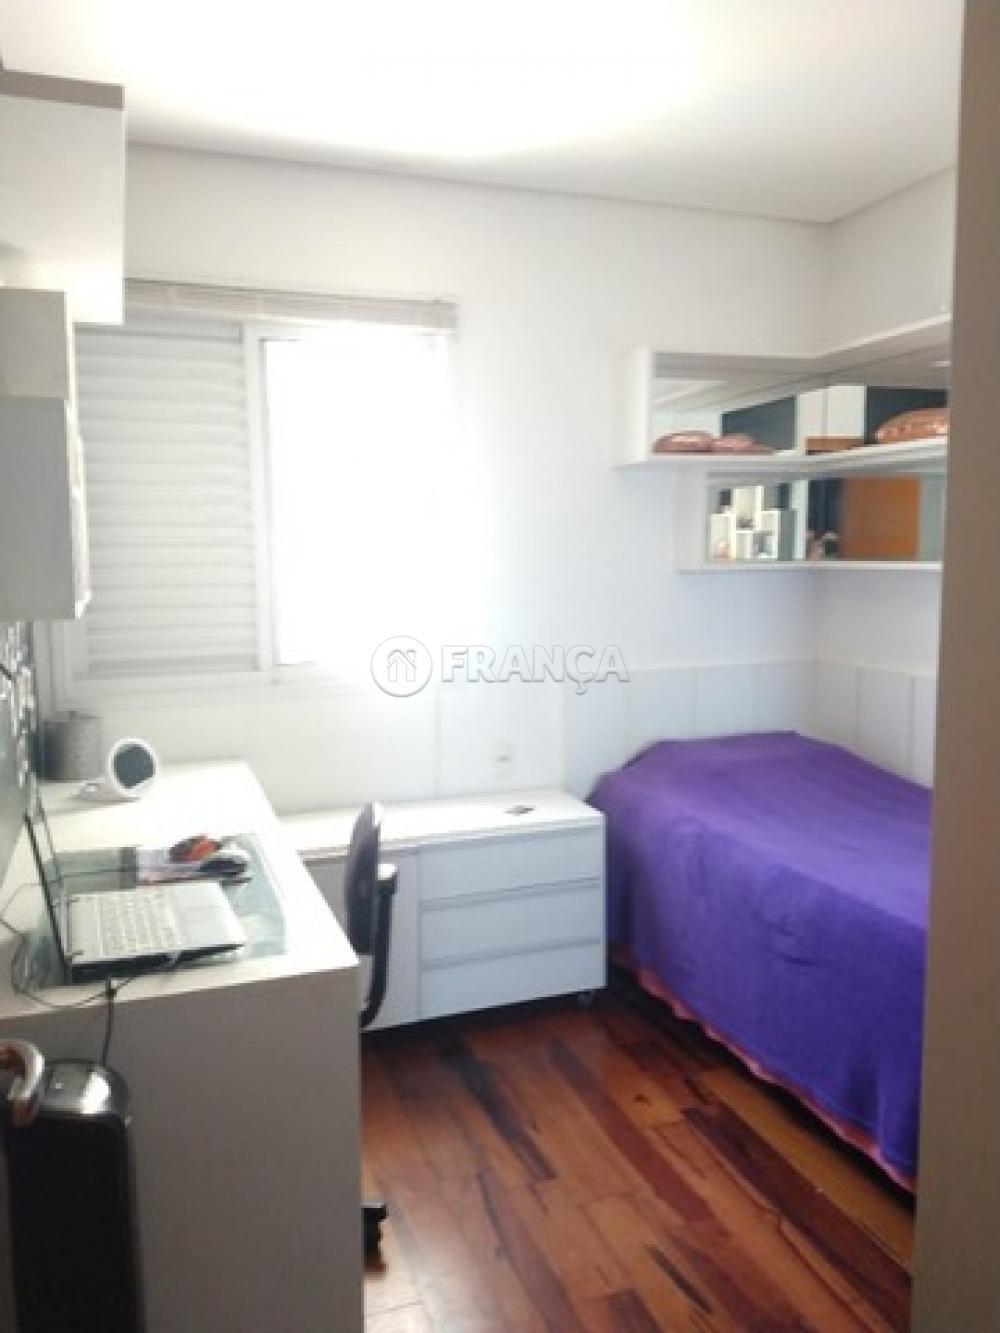 Comprar Apartamento / Padrão em Jacareí R$ 550.000,00 - Foto 13